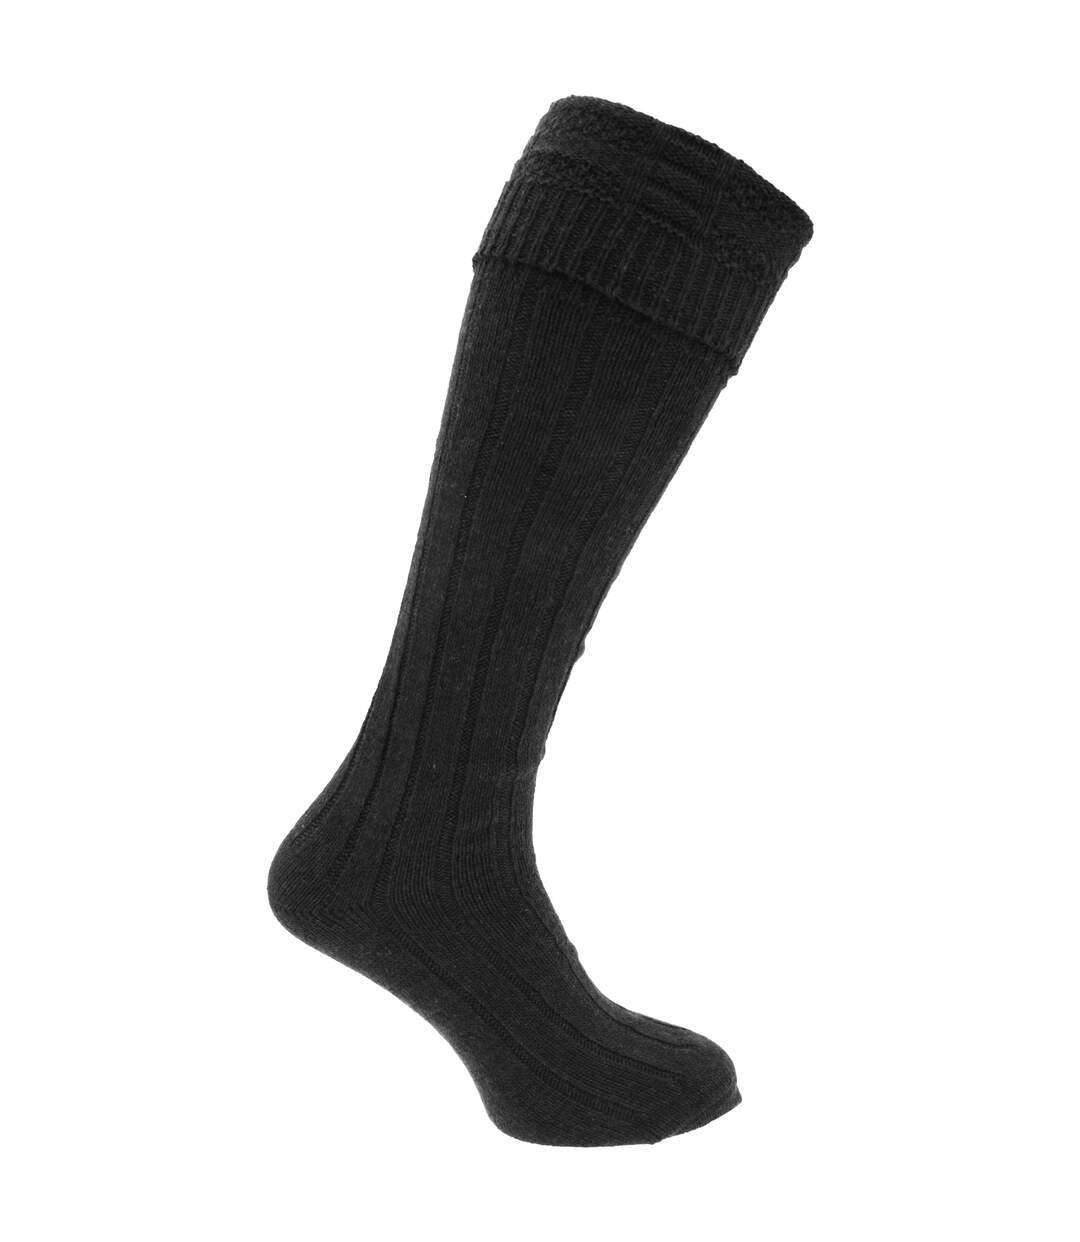 Mens Scottish Highland Wear Wool Kilt Hose Socks (1 Pair) (Khaki) - UTMB442